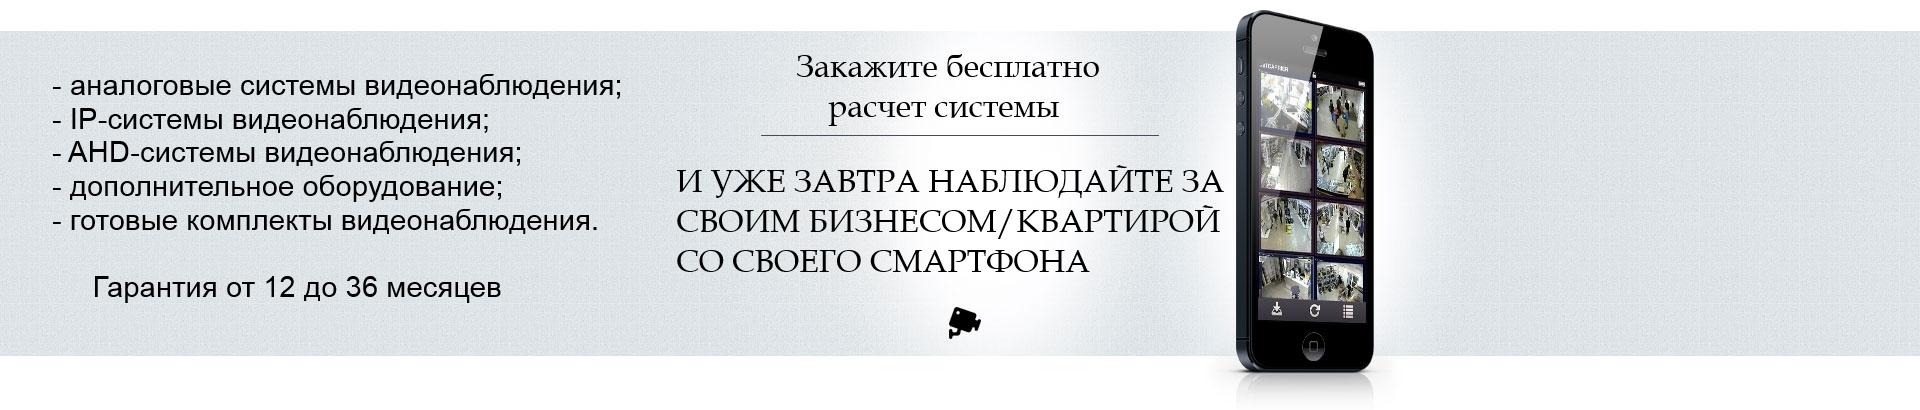 Продажа, Монтаж систем видеонаблюдения и контроля доступа (СКУД) «под ключ», на любых объектах, по всему г.Уфа и Республике Башкортостан